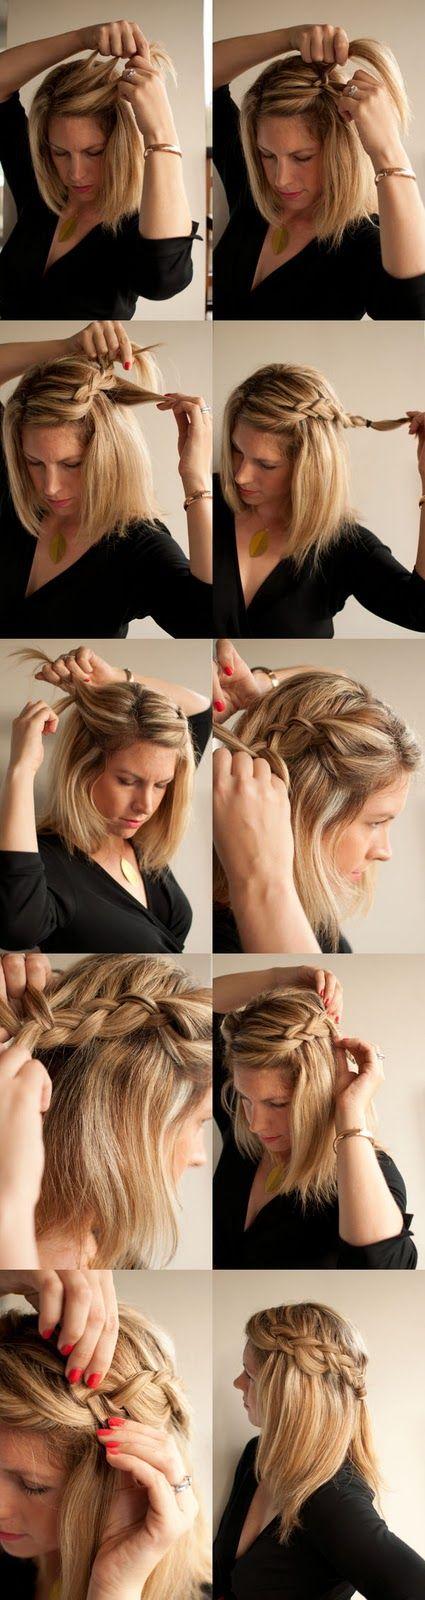 Греческие причёски на каждый день своими руками 10